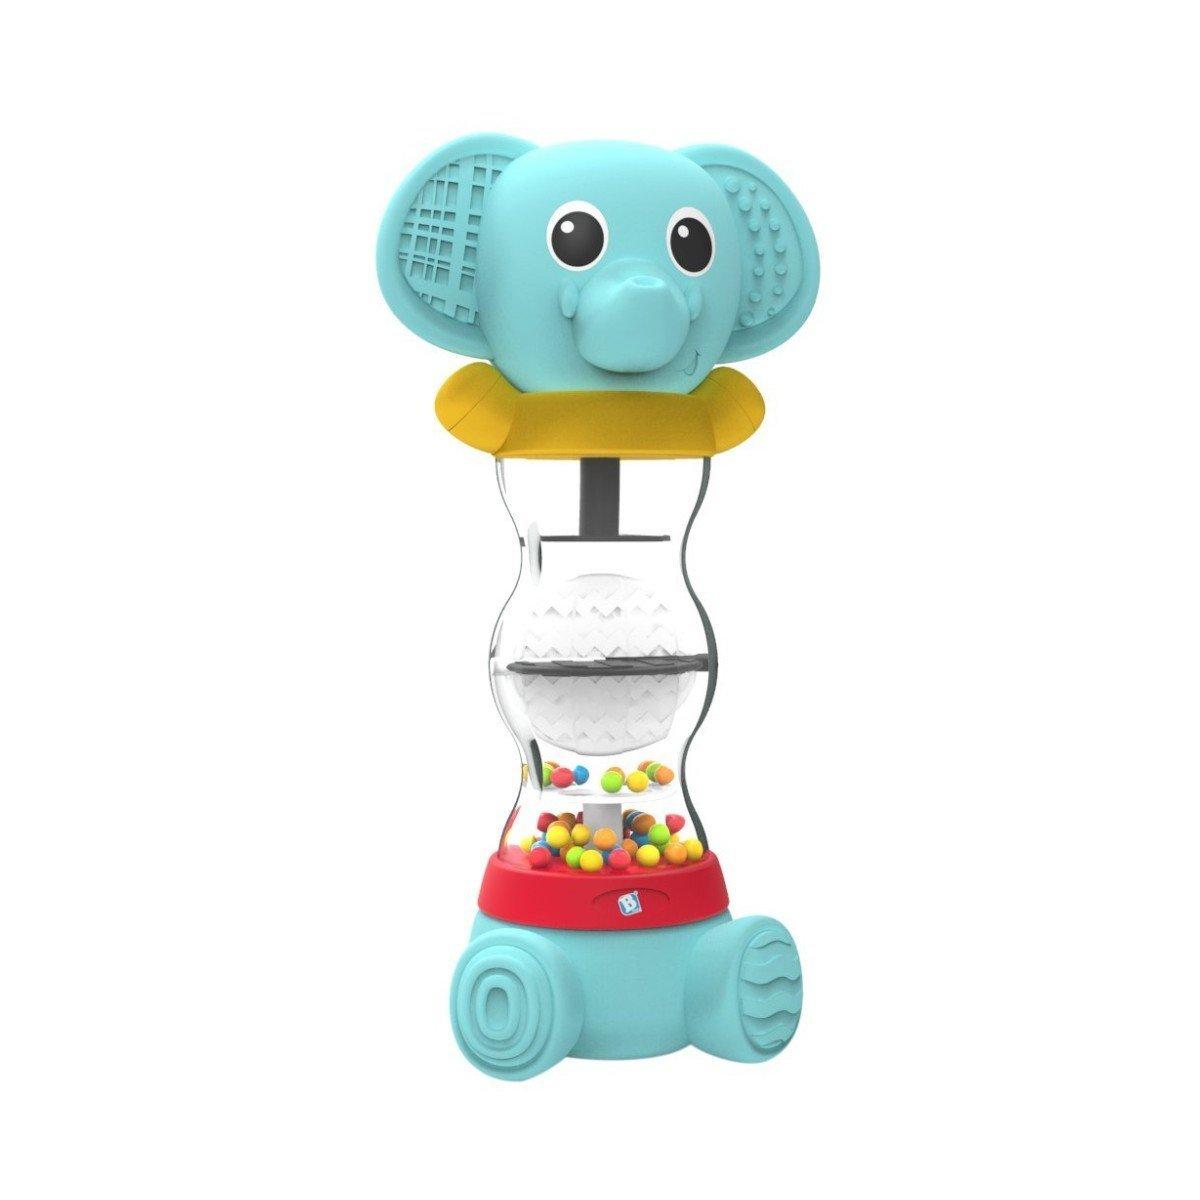 Купить Погремушки, грызуны, Развивающая погремушка Sensory Слоненок 005351S ТМ: Sensory